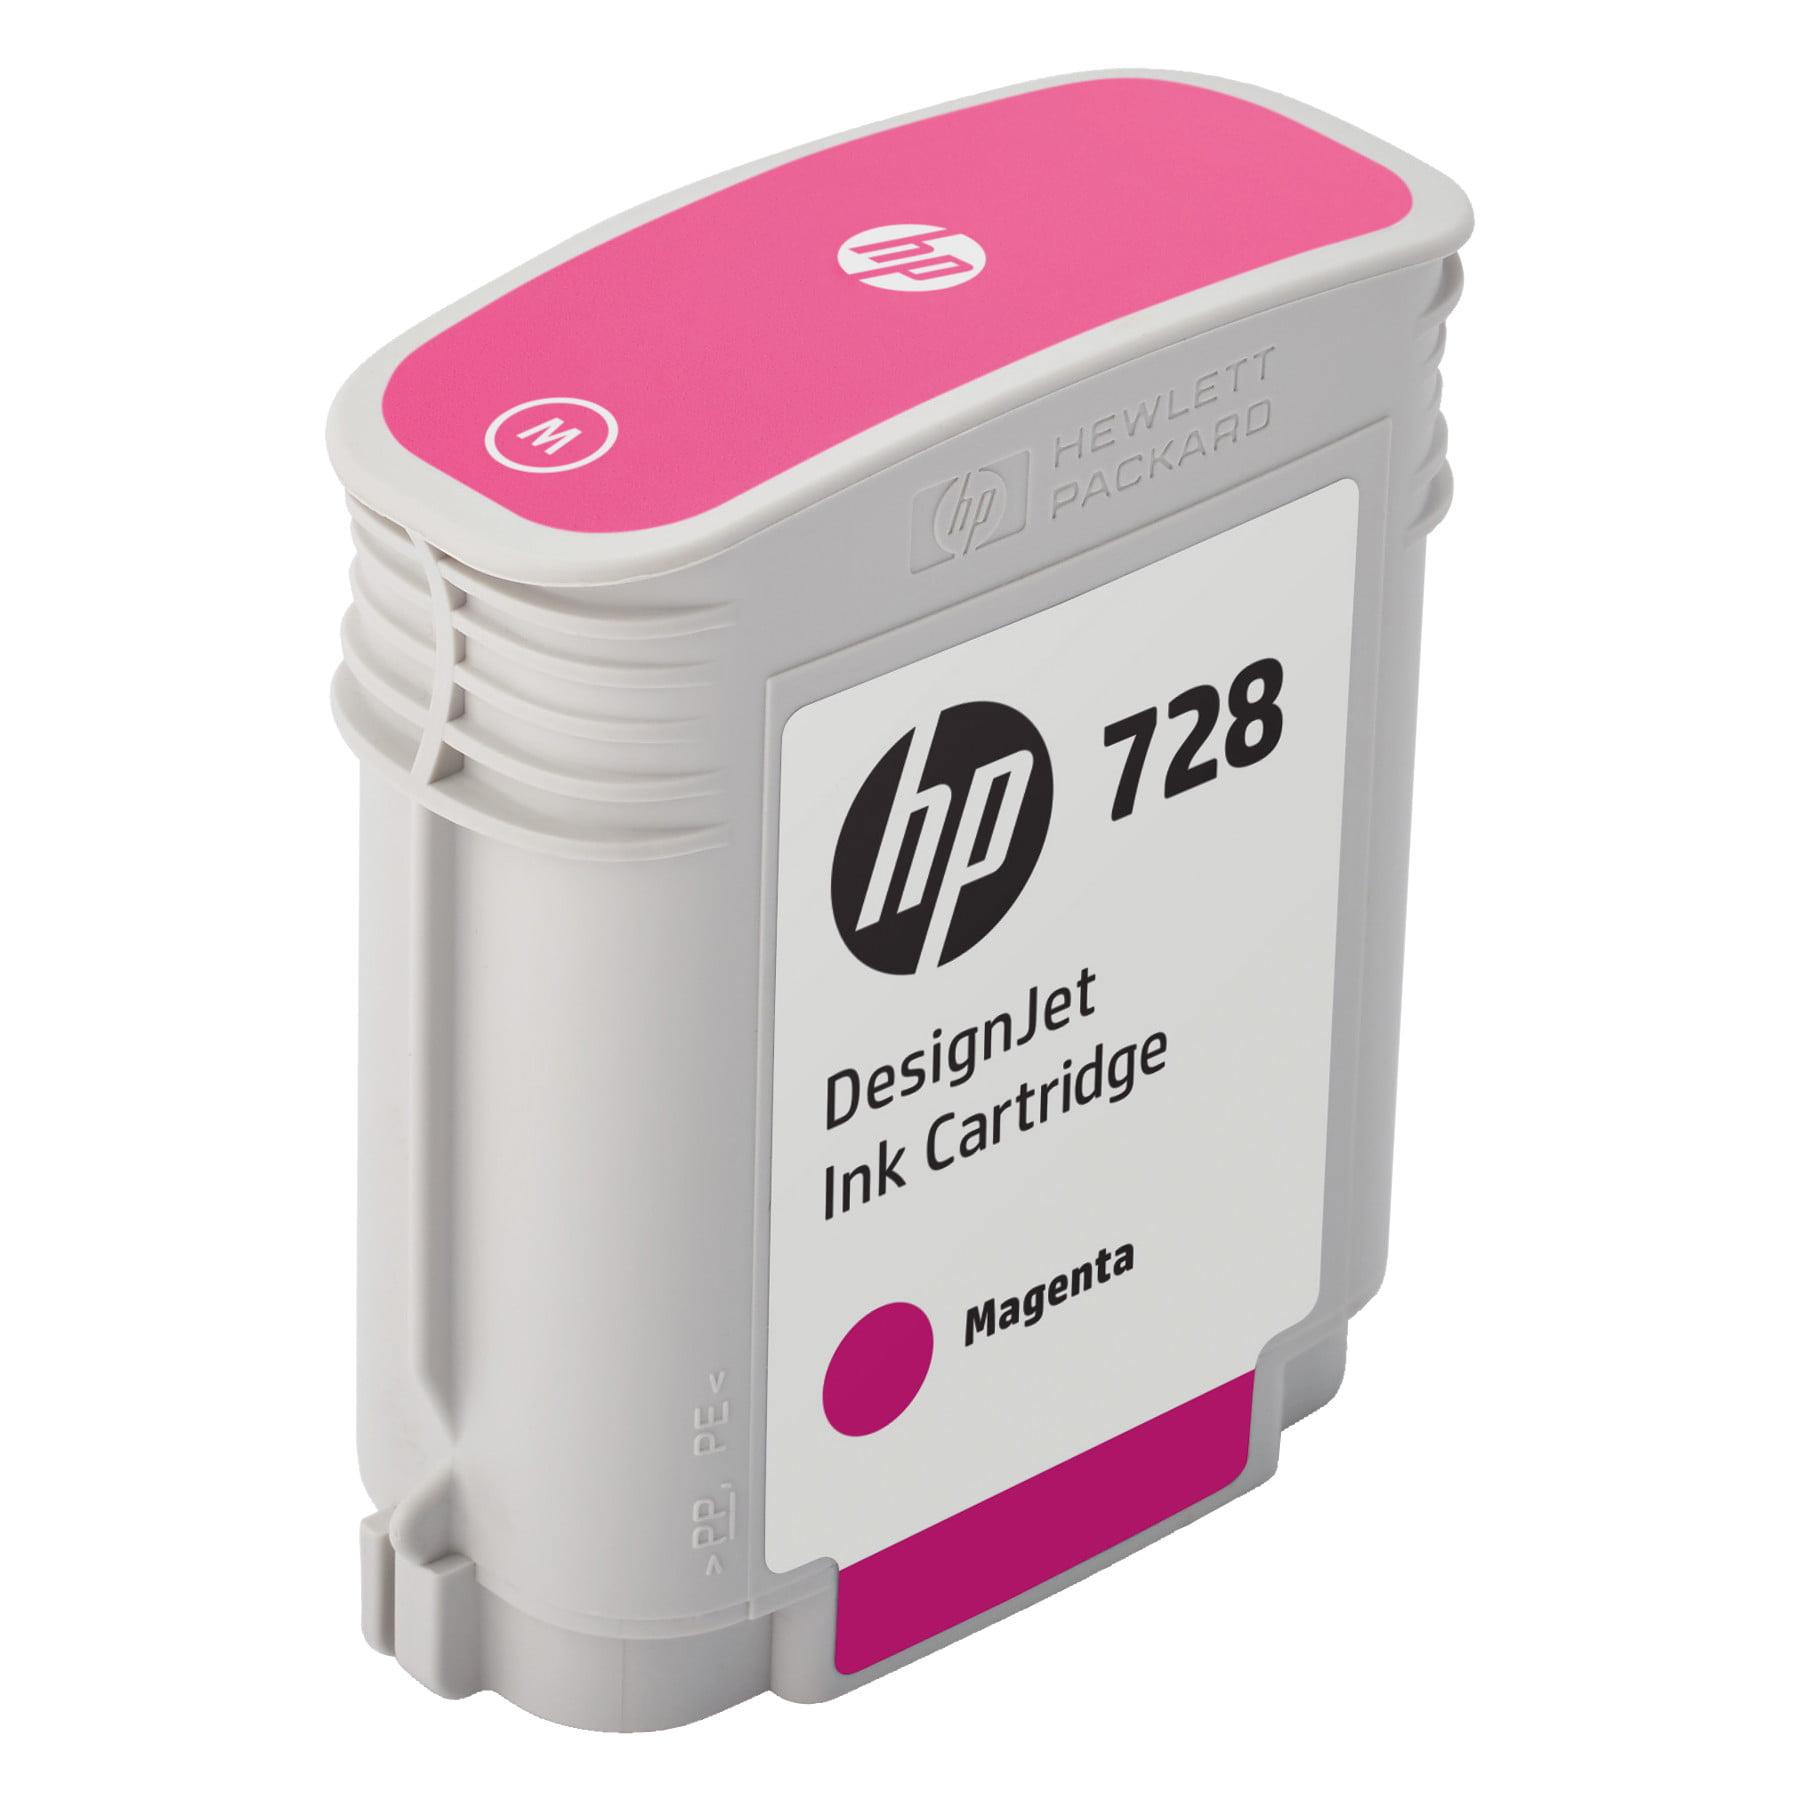 HP 728 (F9J62A) Magenta Original Ink Cartridge, 40 mL